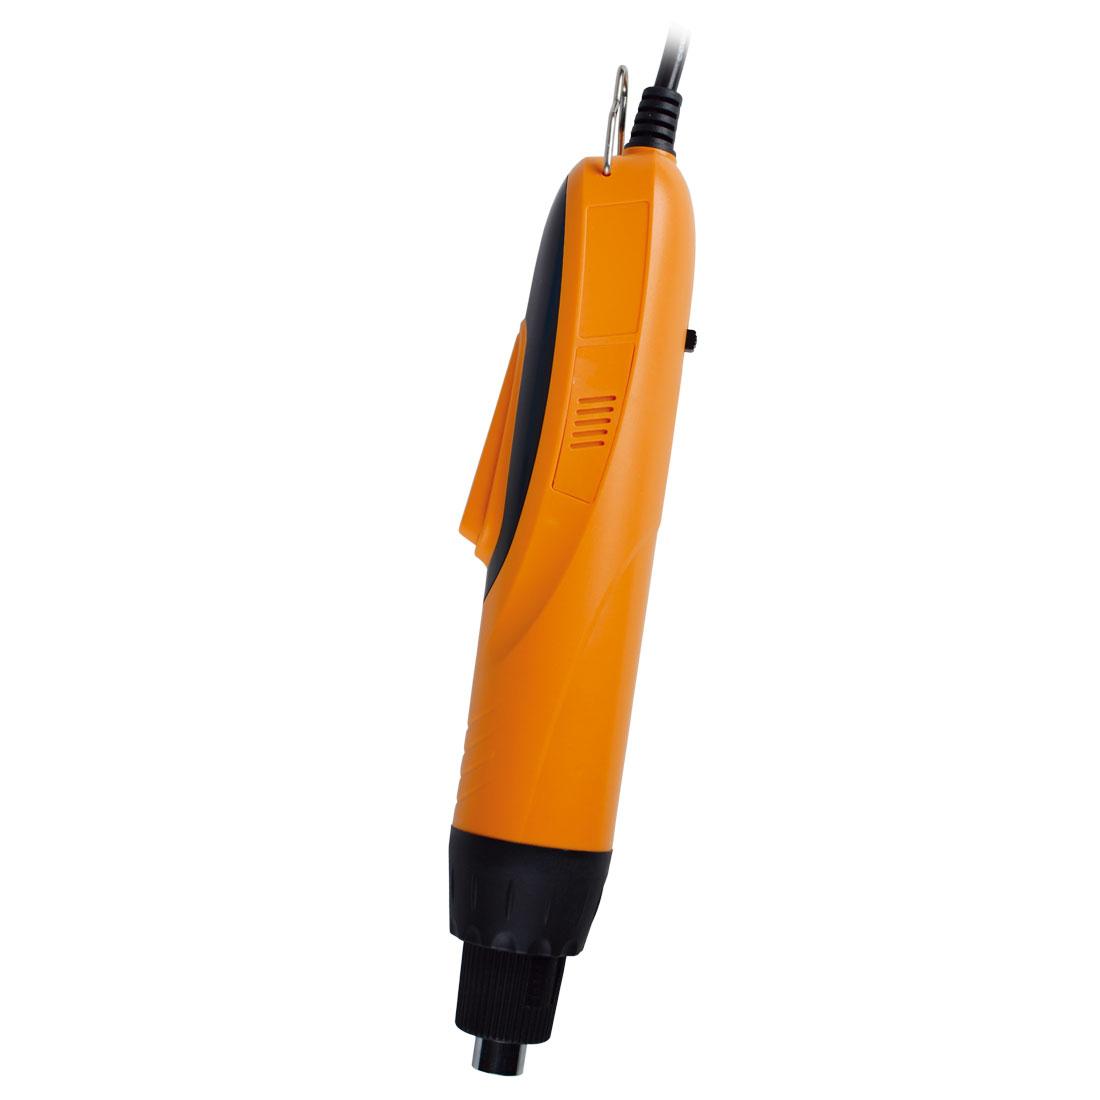 調速換碳刷電動螺絲刀